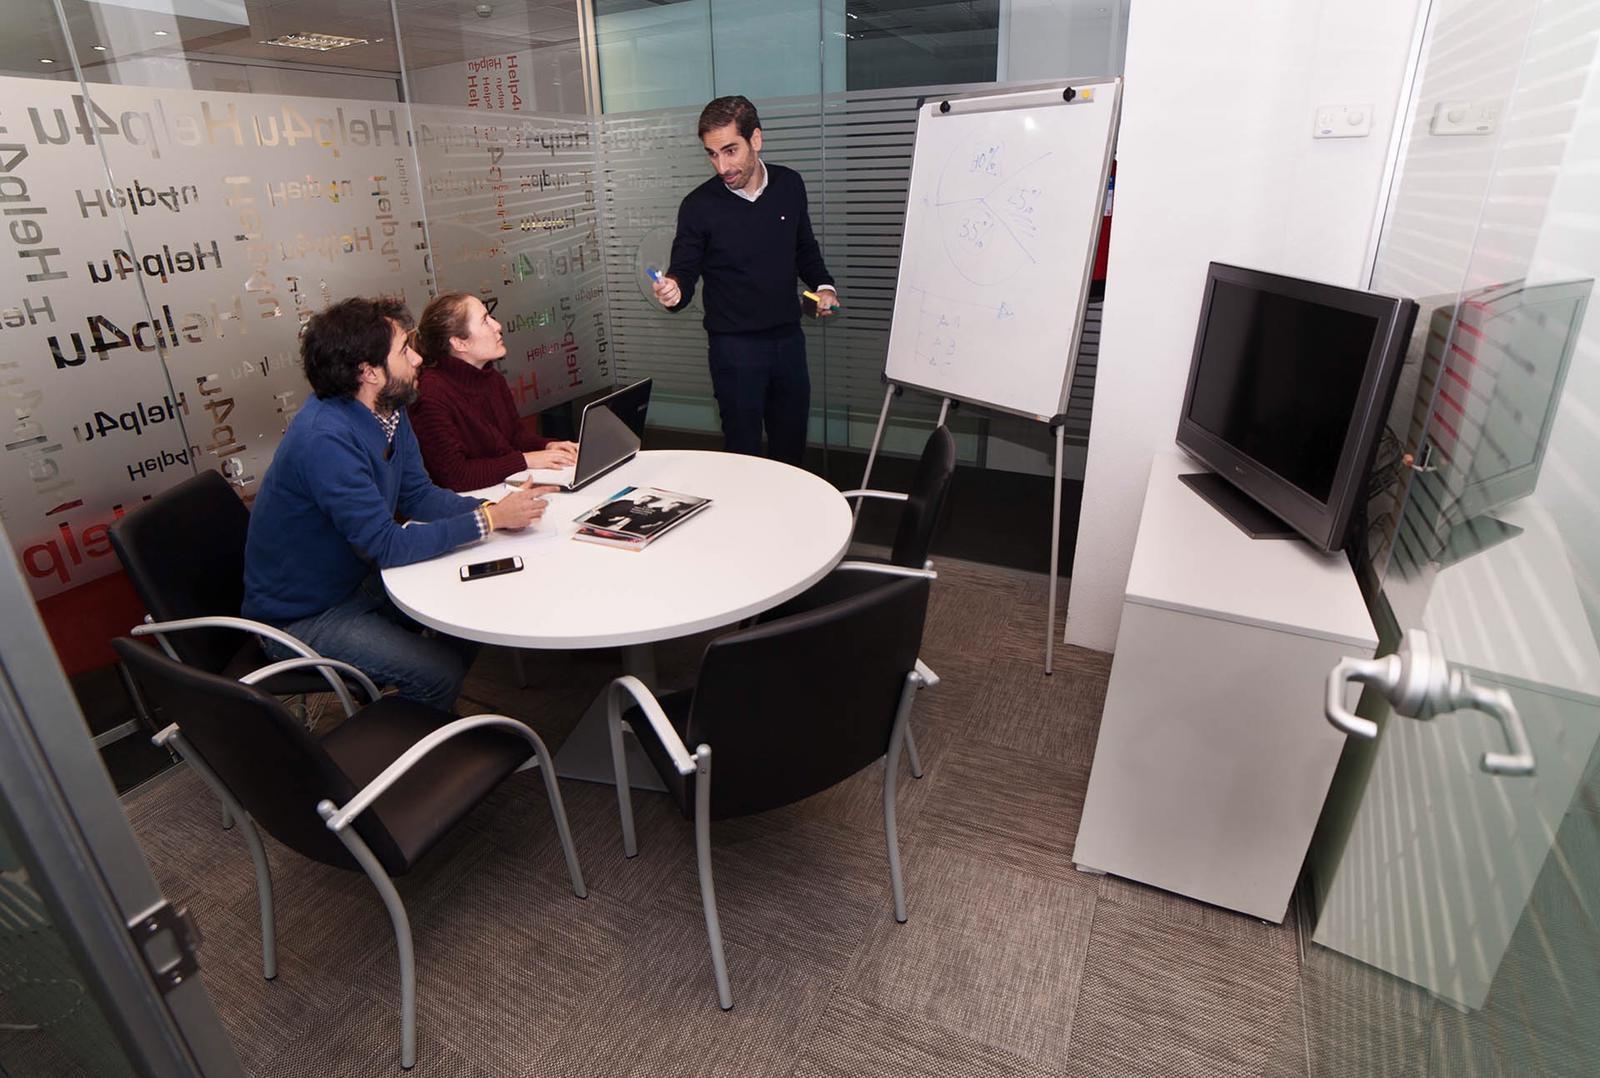 Sala Grecia - Salas de reunión en centro de negocios